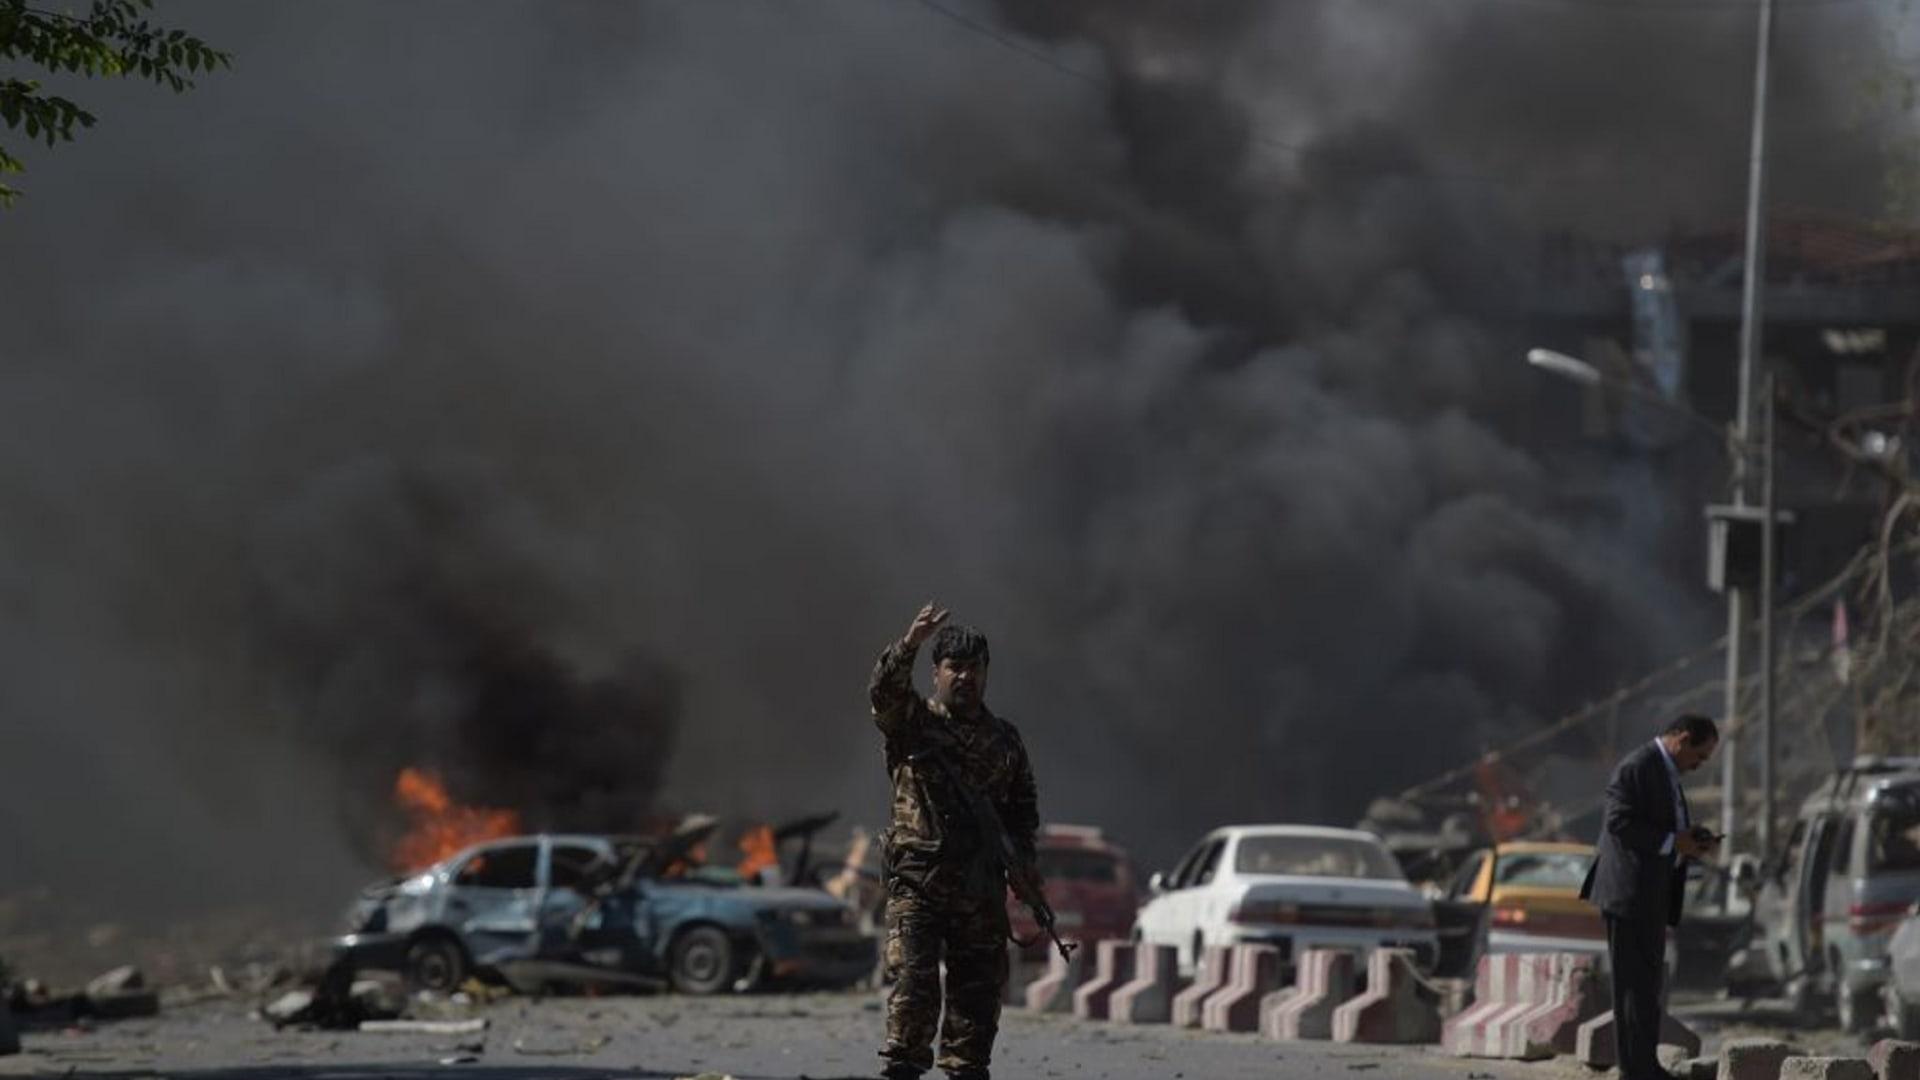 سقوط قتلى ومصابين في تفجير انتحاري بكابول.. وطالبان تعلن مسؤوليتها